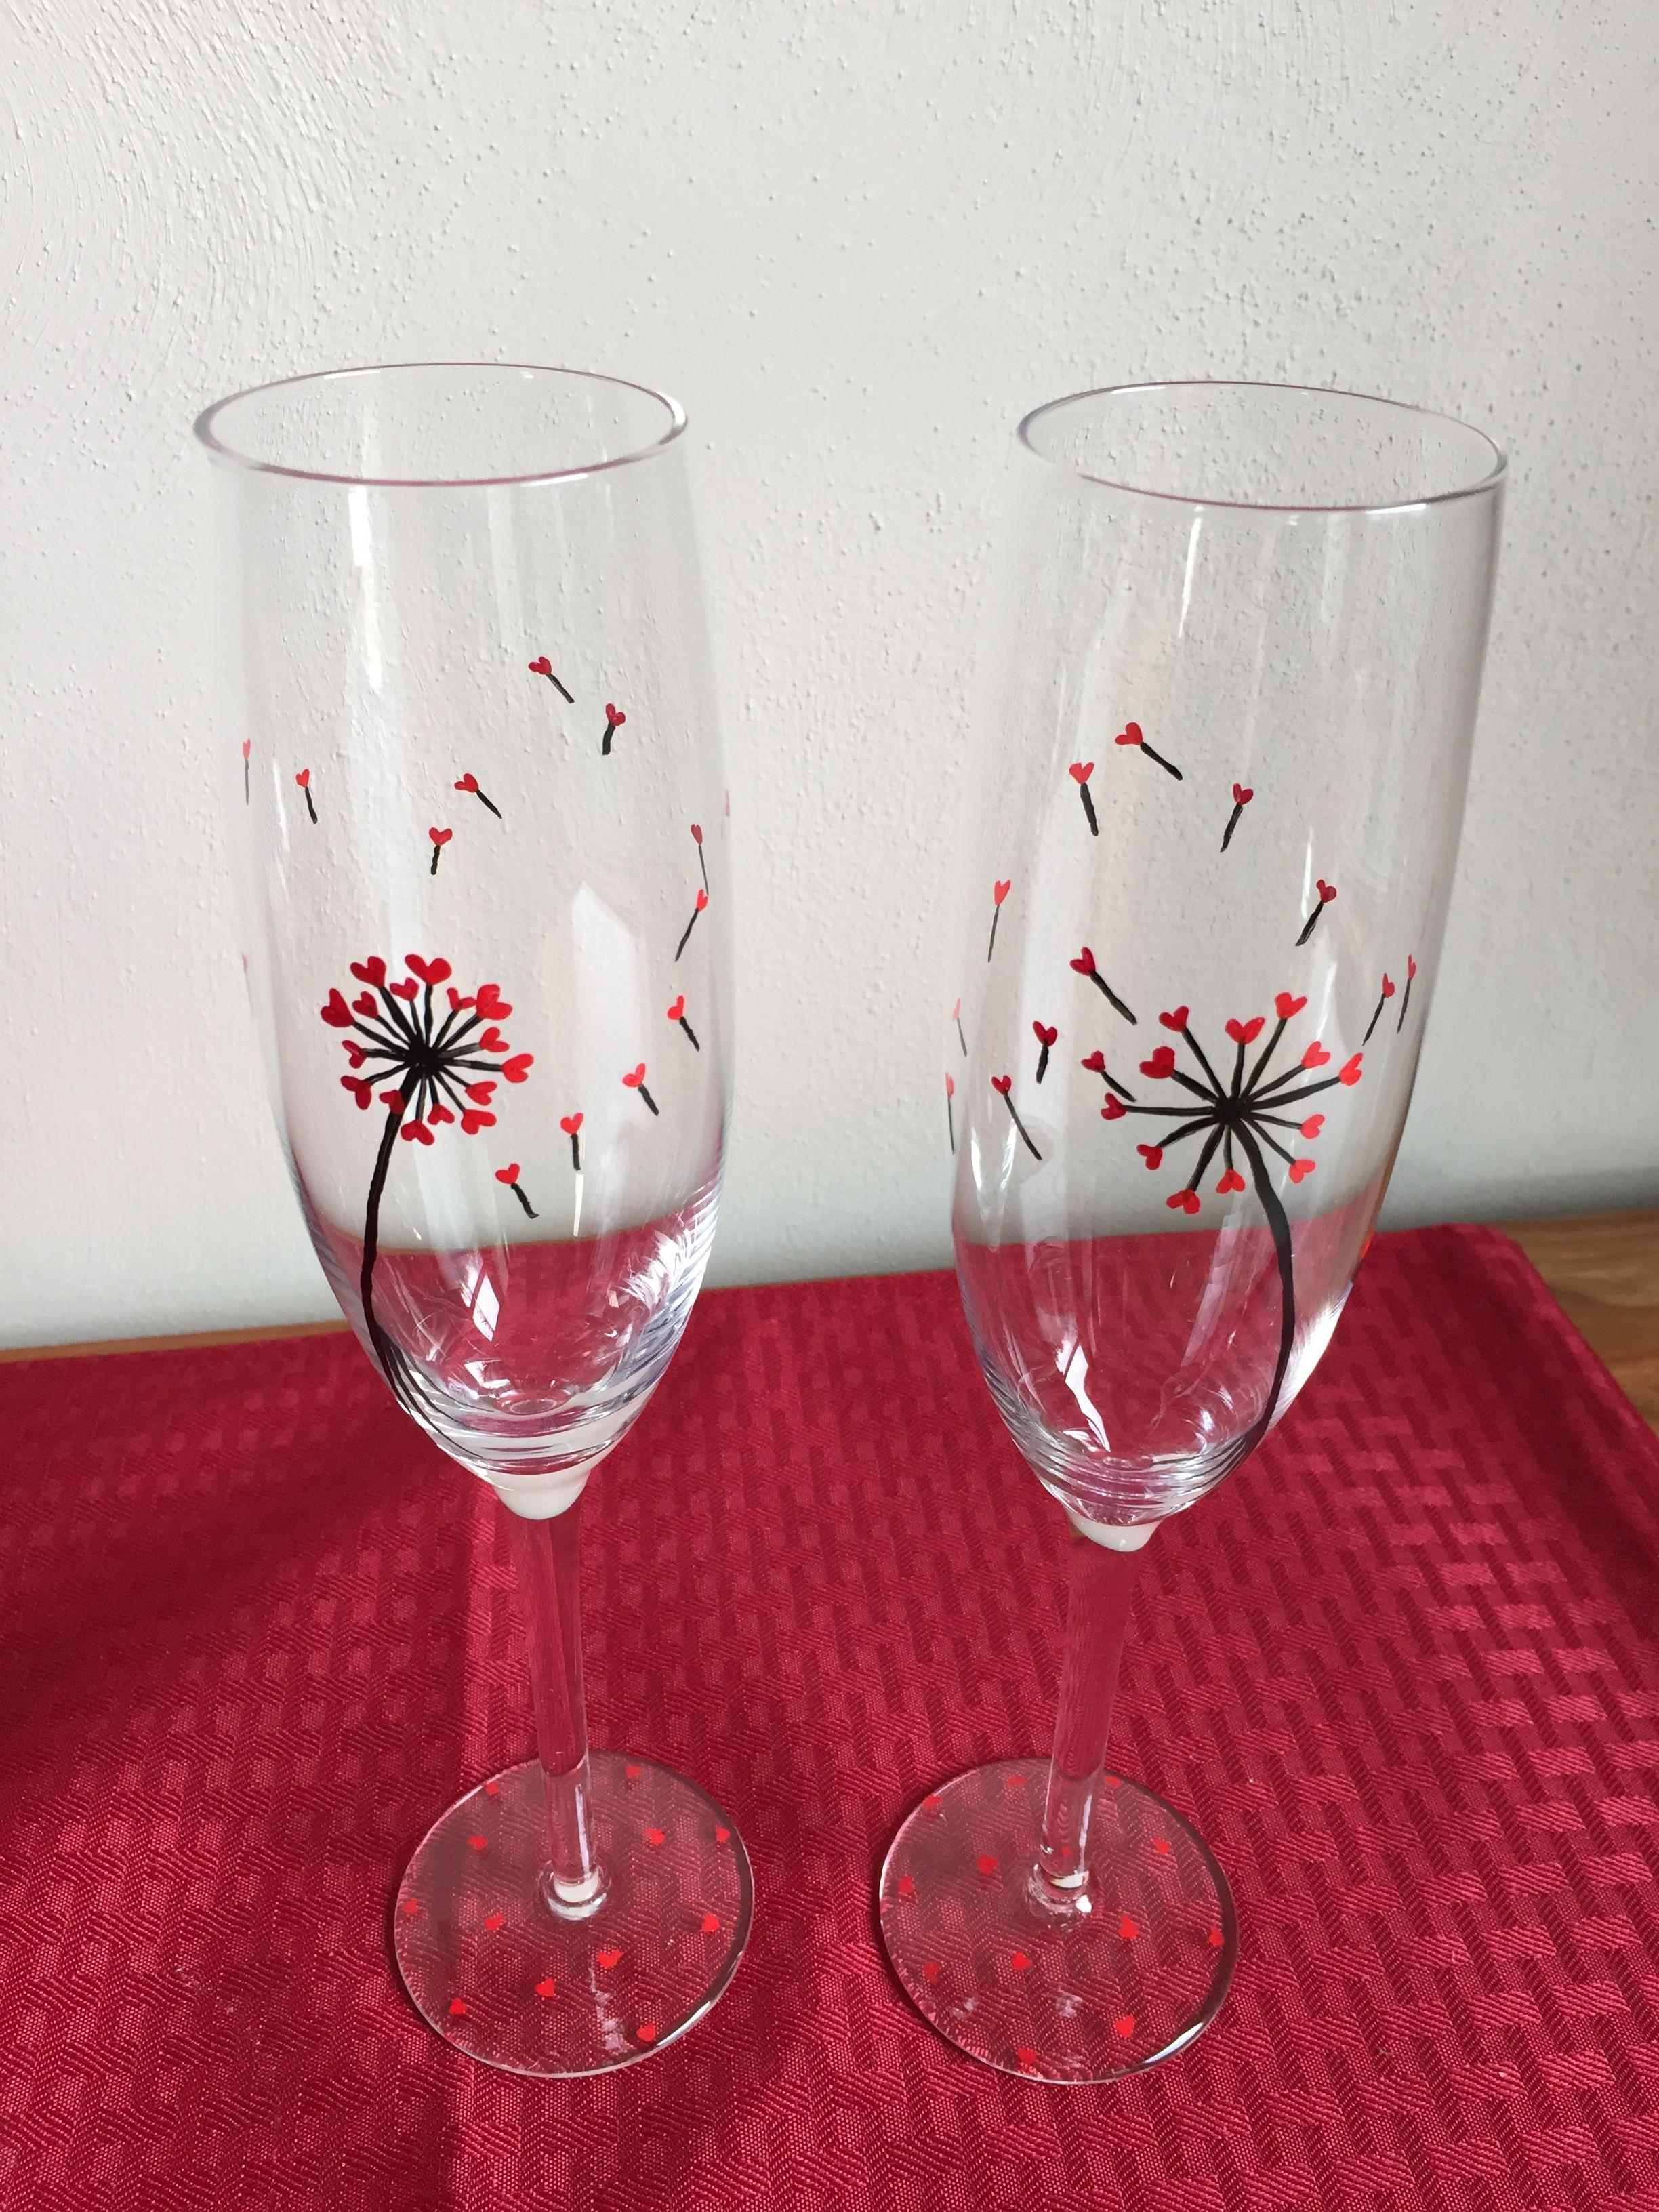 Champagne glasses are so romantic!